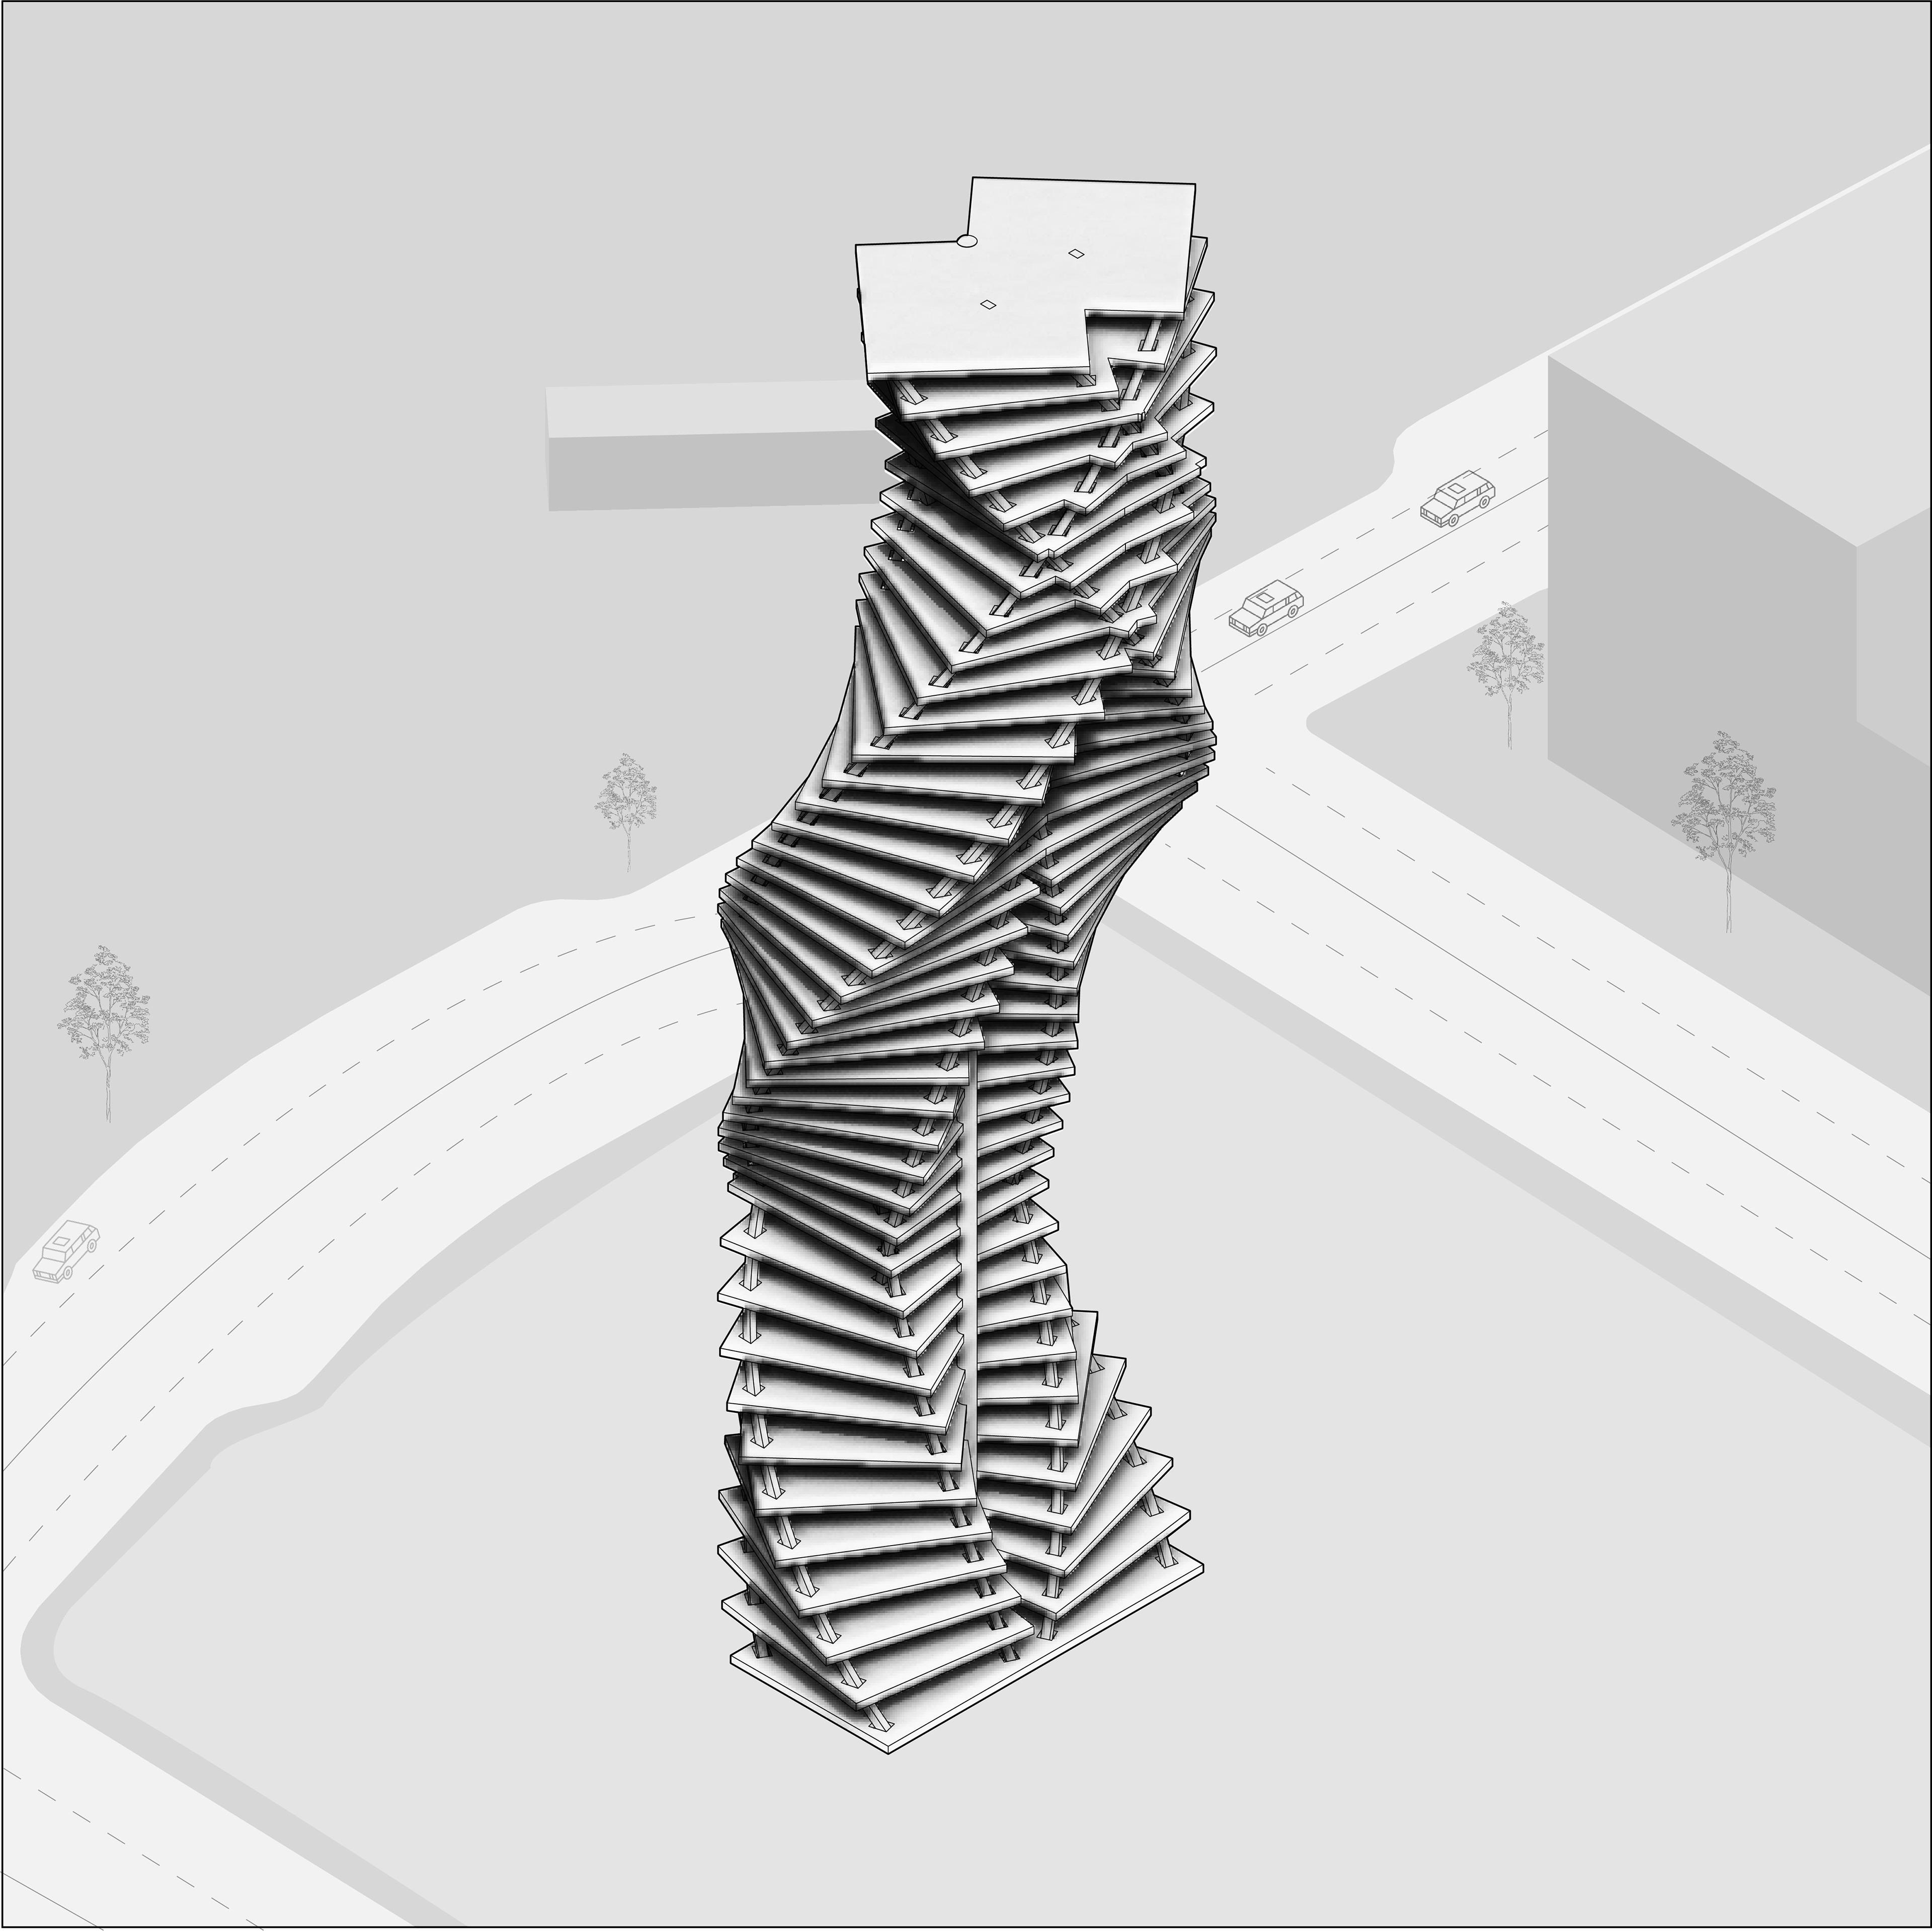 Zoona Aamir - DOUBLE HELIX TOWER